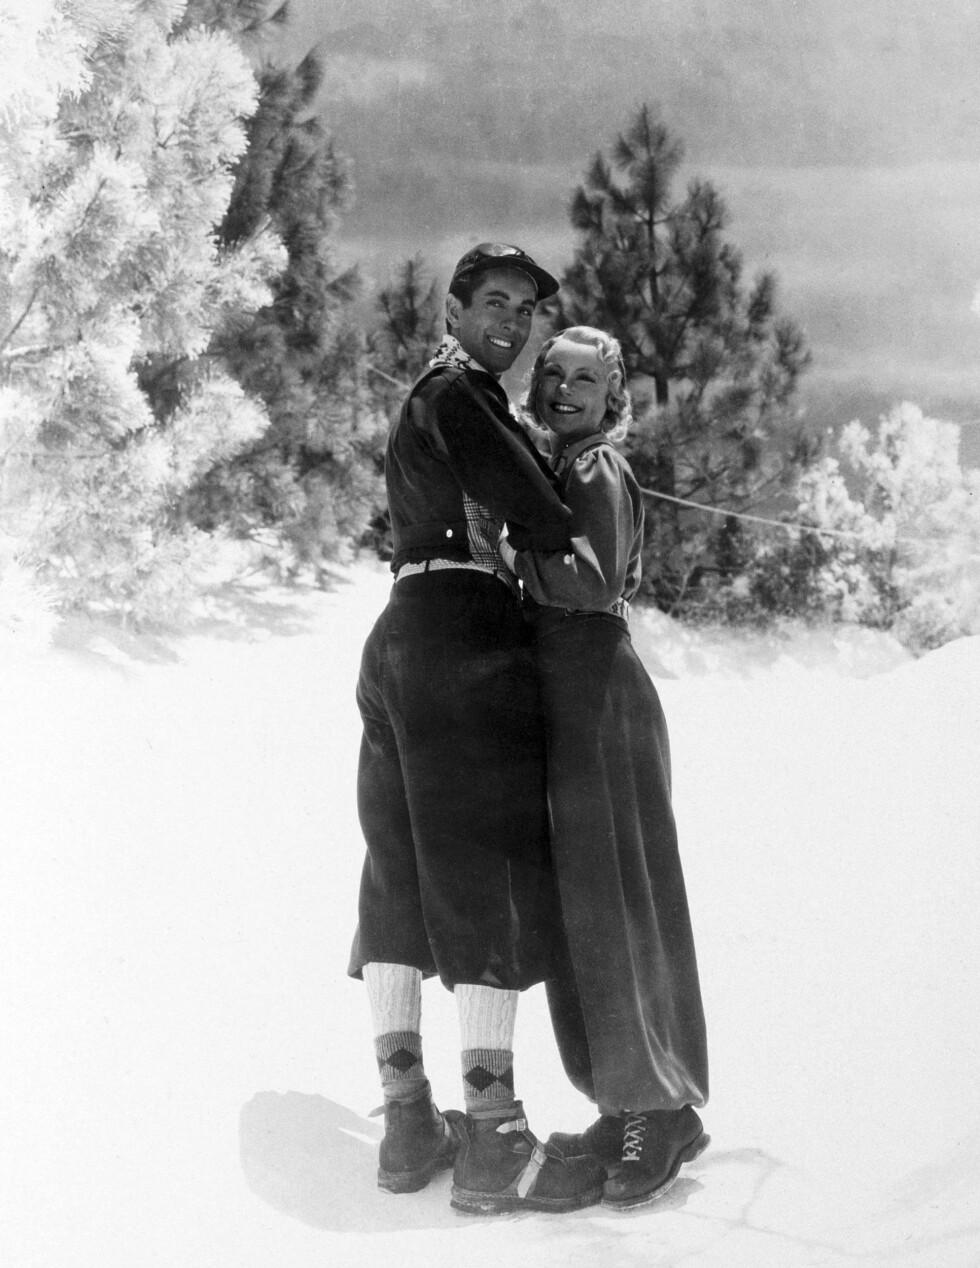 FILMDIVA: Sonja debuterte på lerretet i «One in a Million» fra 1936, som ble en braksuksess. Året etter fulgte «Thin Ice», der hun spilte mot Tyrone Power (bildet). I 1938 fulgte ytterligere to filmer, og nå ble Sonja rangert som den tredje mest innbringende filmstjernen, etter Shirley Temple og Clark Gable. Da fikk hun forhandlet seg fram til en ny kontrakt med filmselskapet, som lød på 160 000 dollar per film, og tre filmer per år. Dermed ble hun verdens best betalte filmstjerne. Foto: NTB scanpix